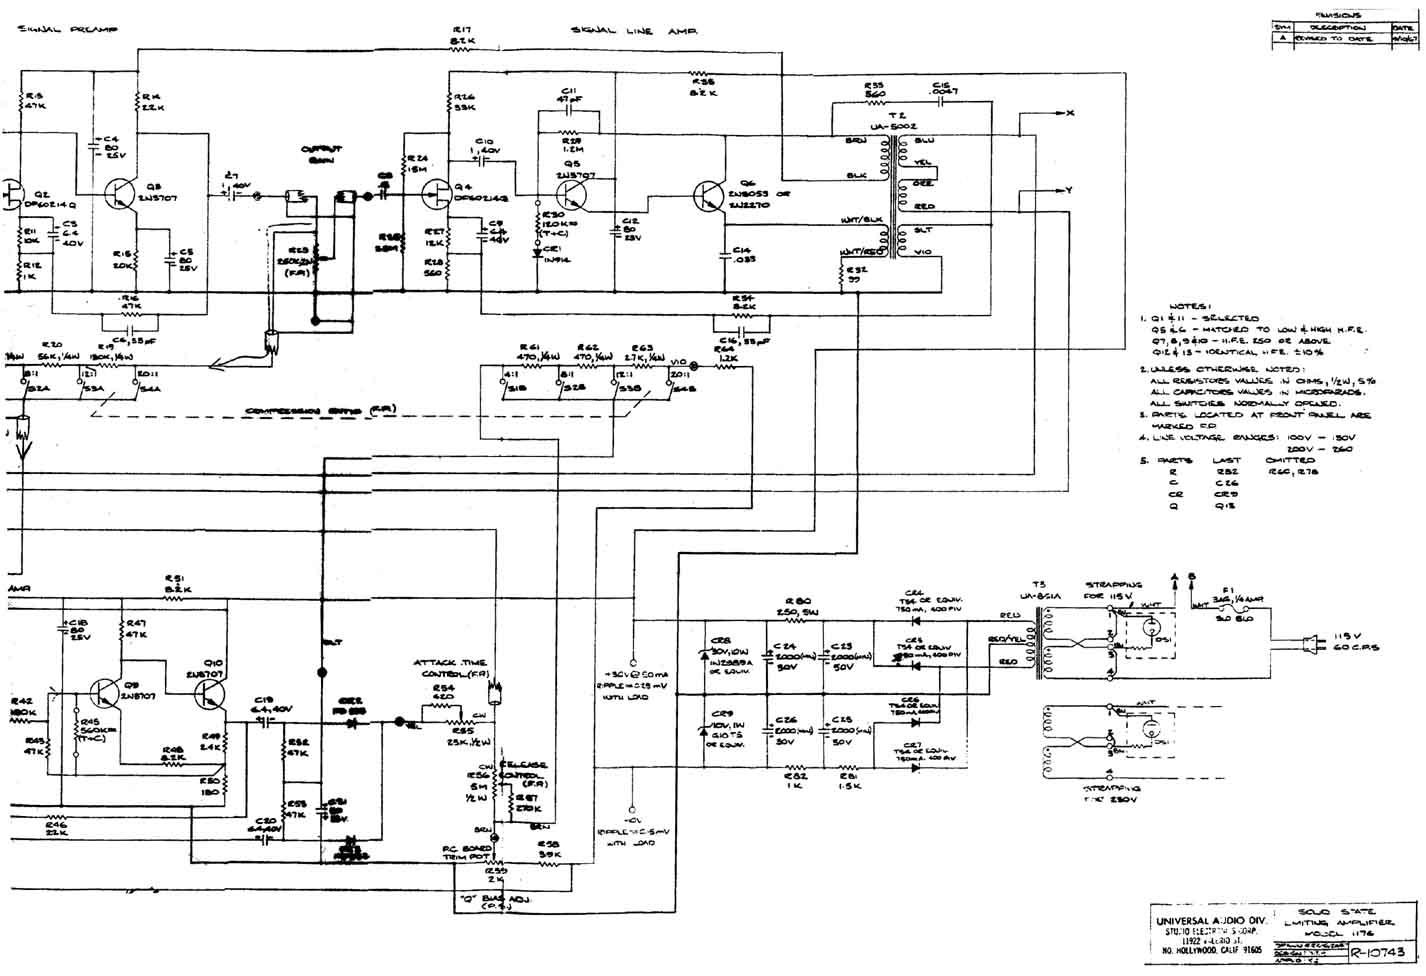 urei 1176 schematic